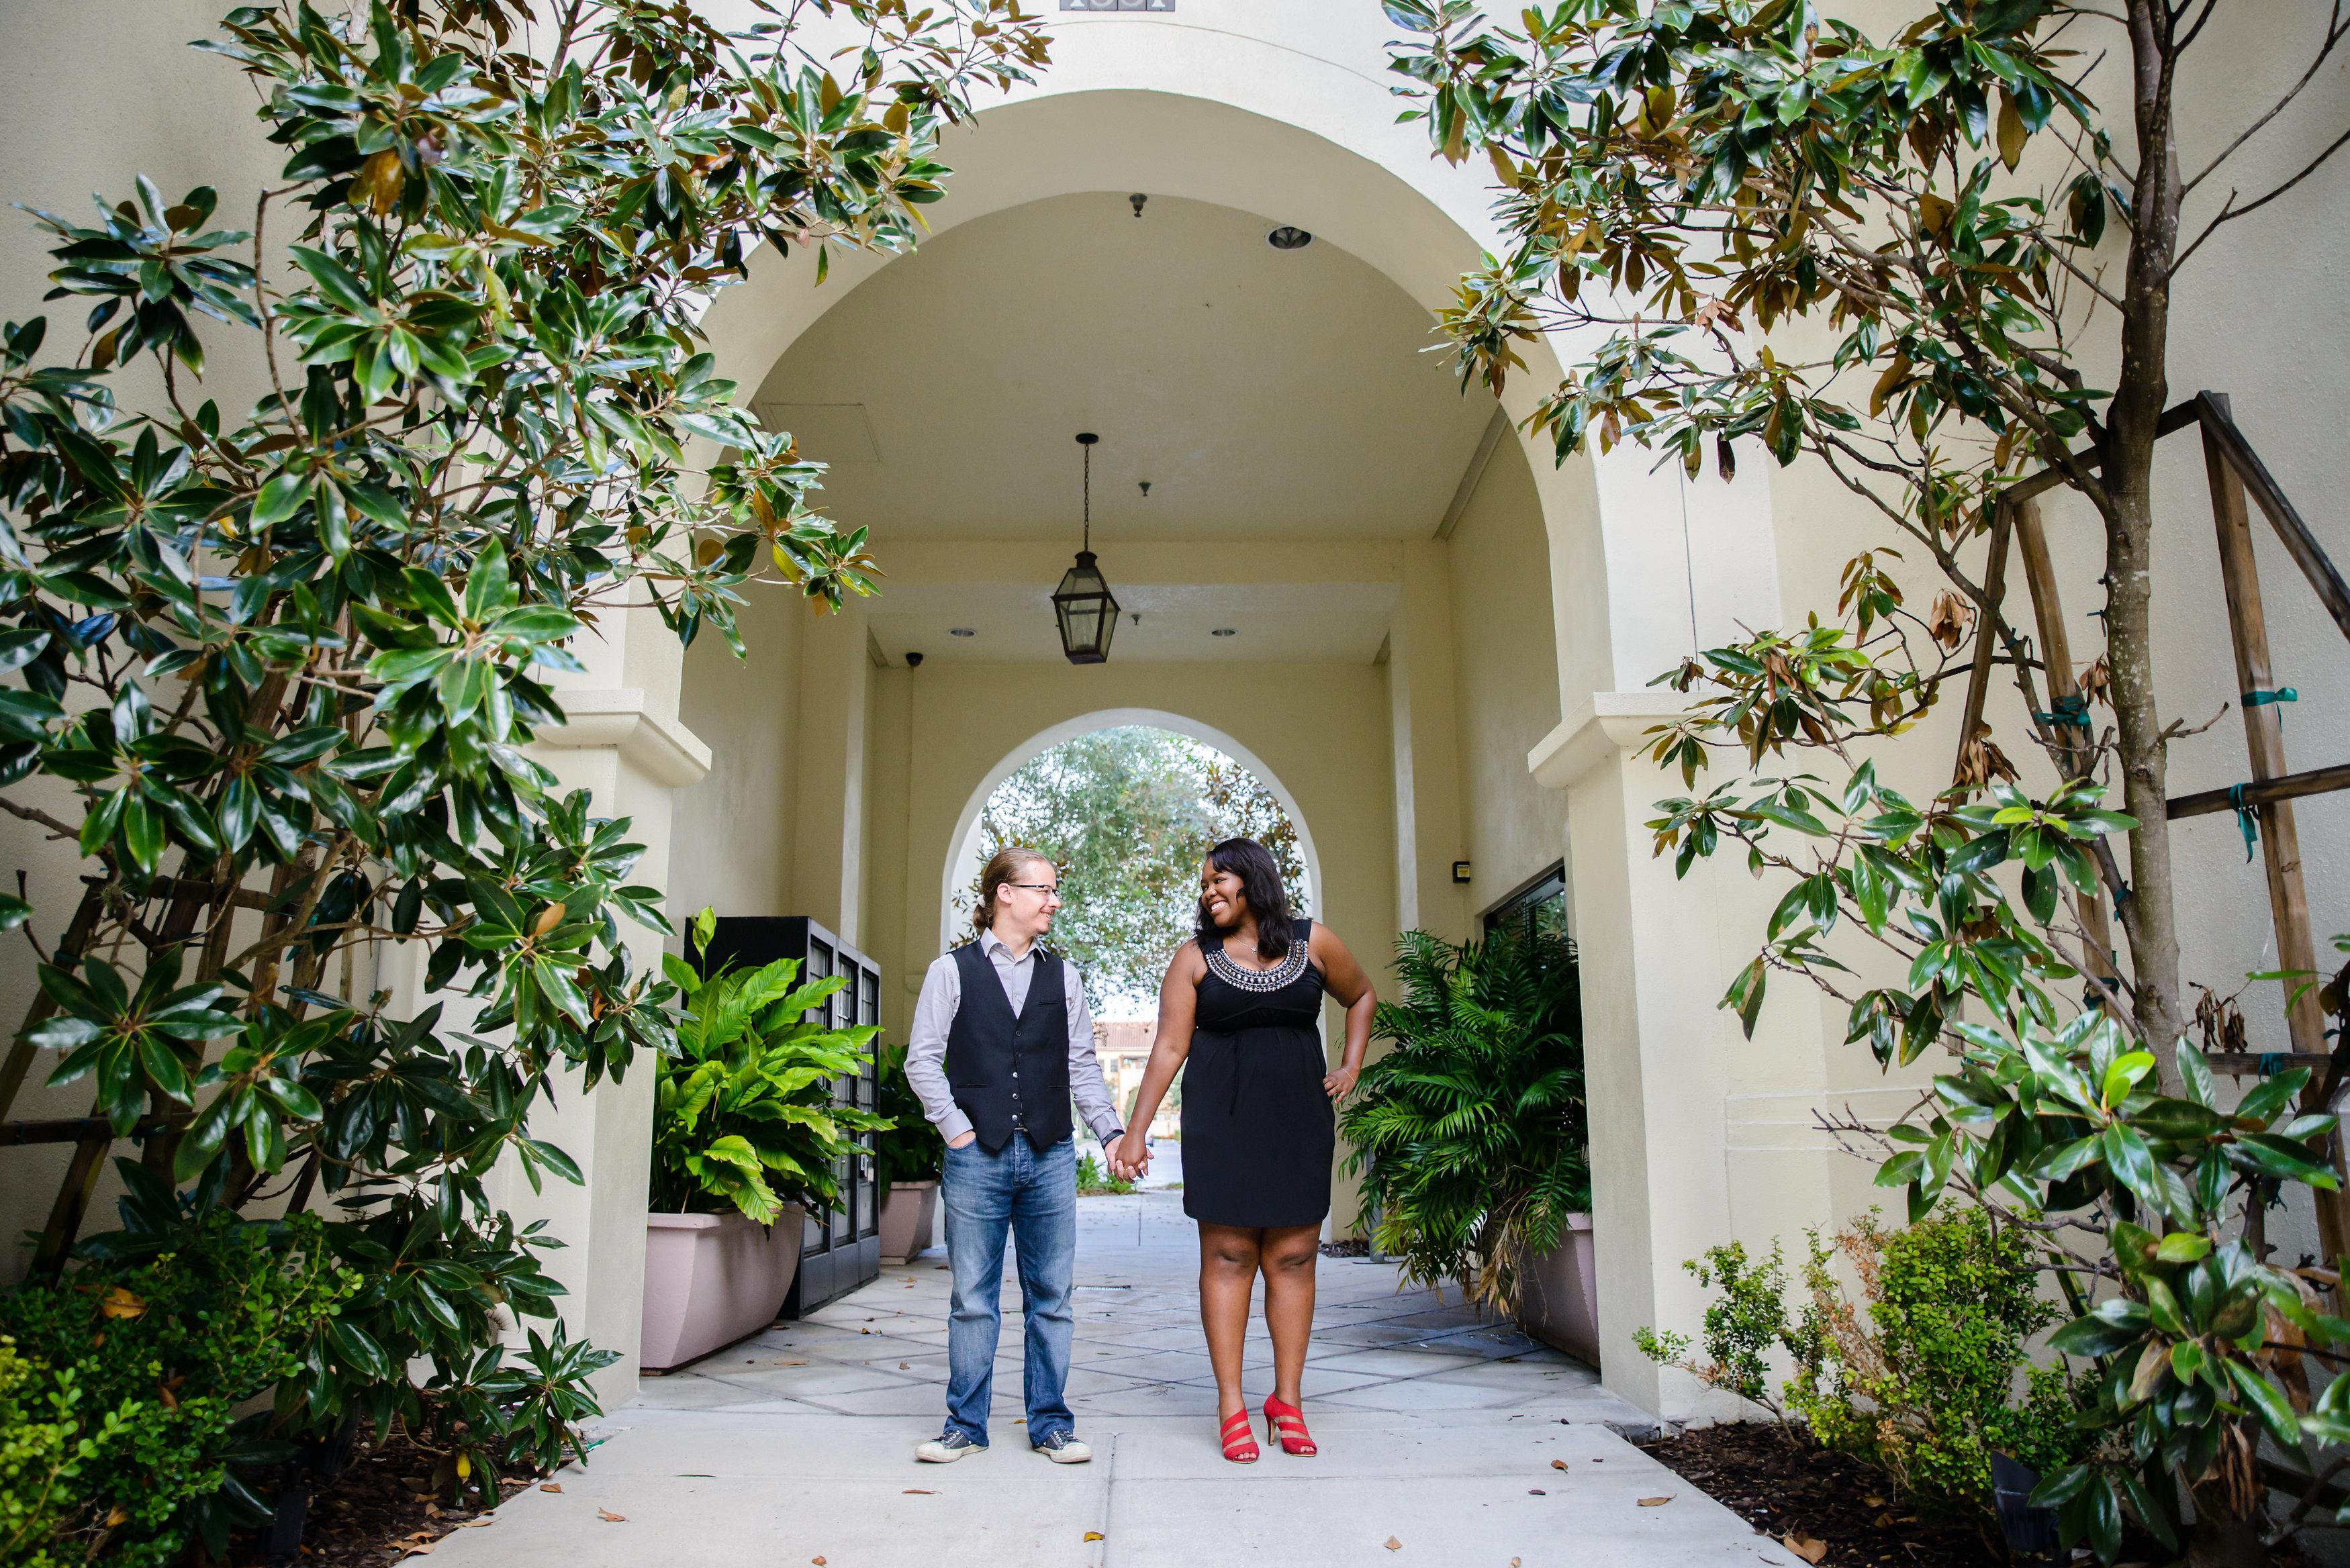 [Floride] Jour 1 : C'est les vacances, 1er jour de repos 121